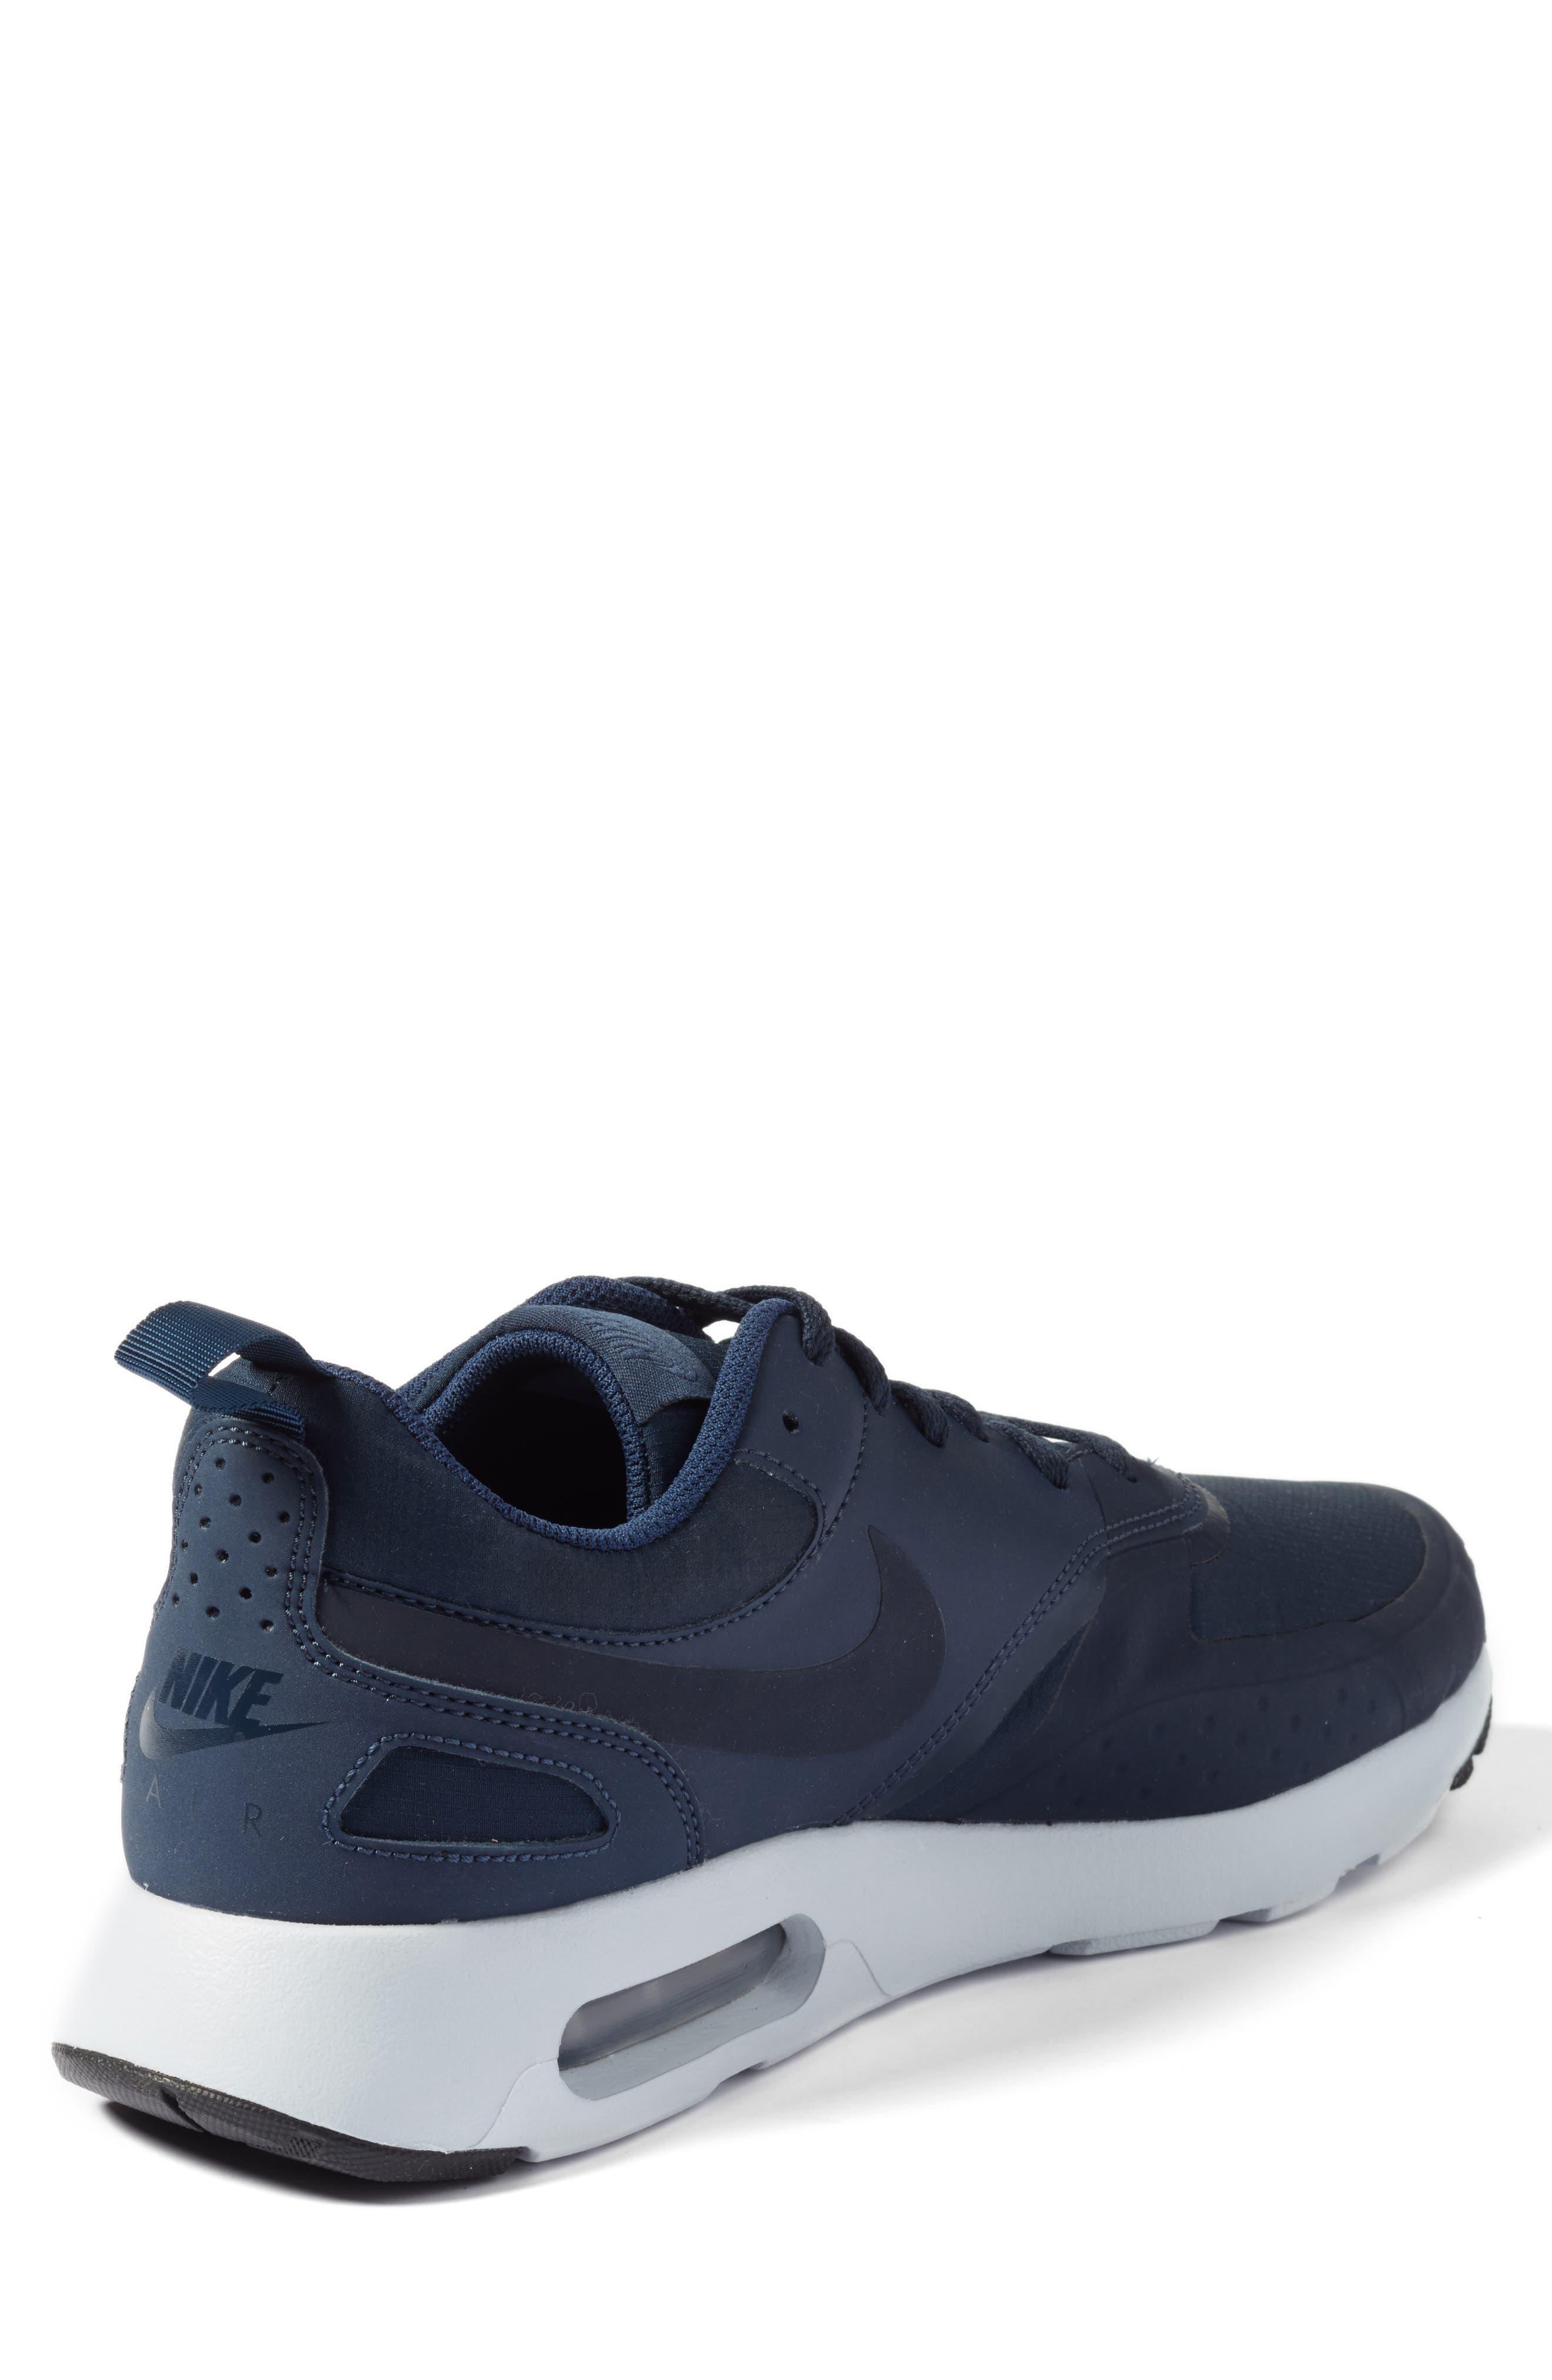 Air Max Vision Premium Sneaker,                             Alternate thumbnail 2, color,                             400